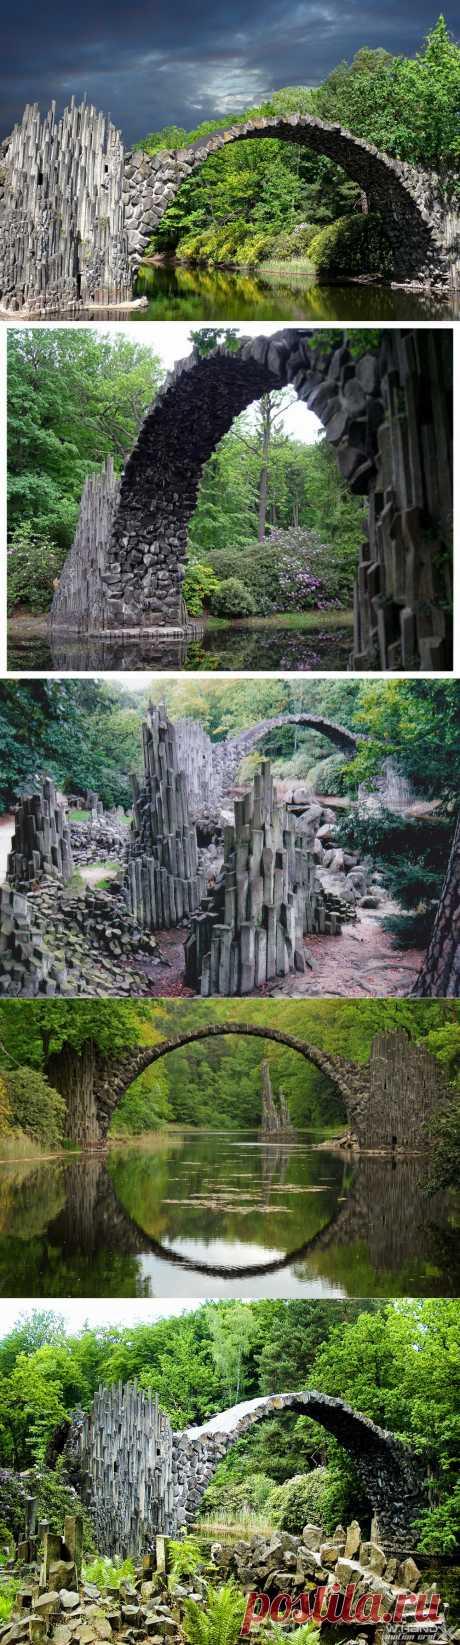 Невероятная архитектура старых каменных мостов Европы   Newpix.ru - позитивный интернет-журнал